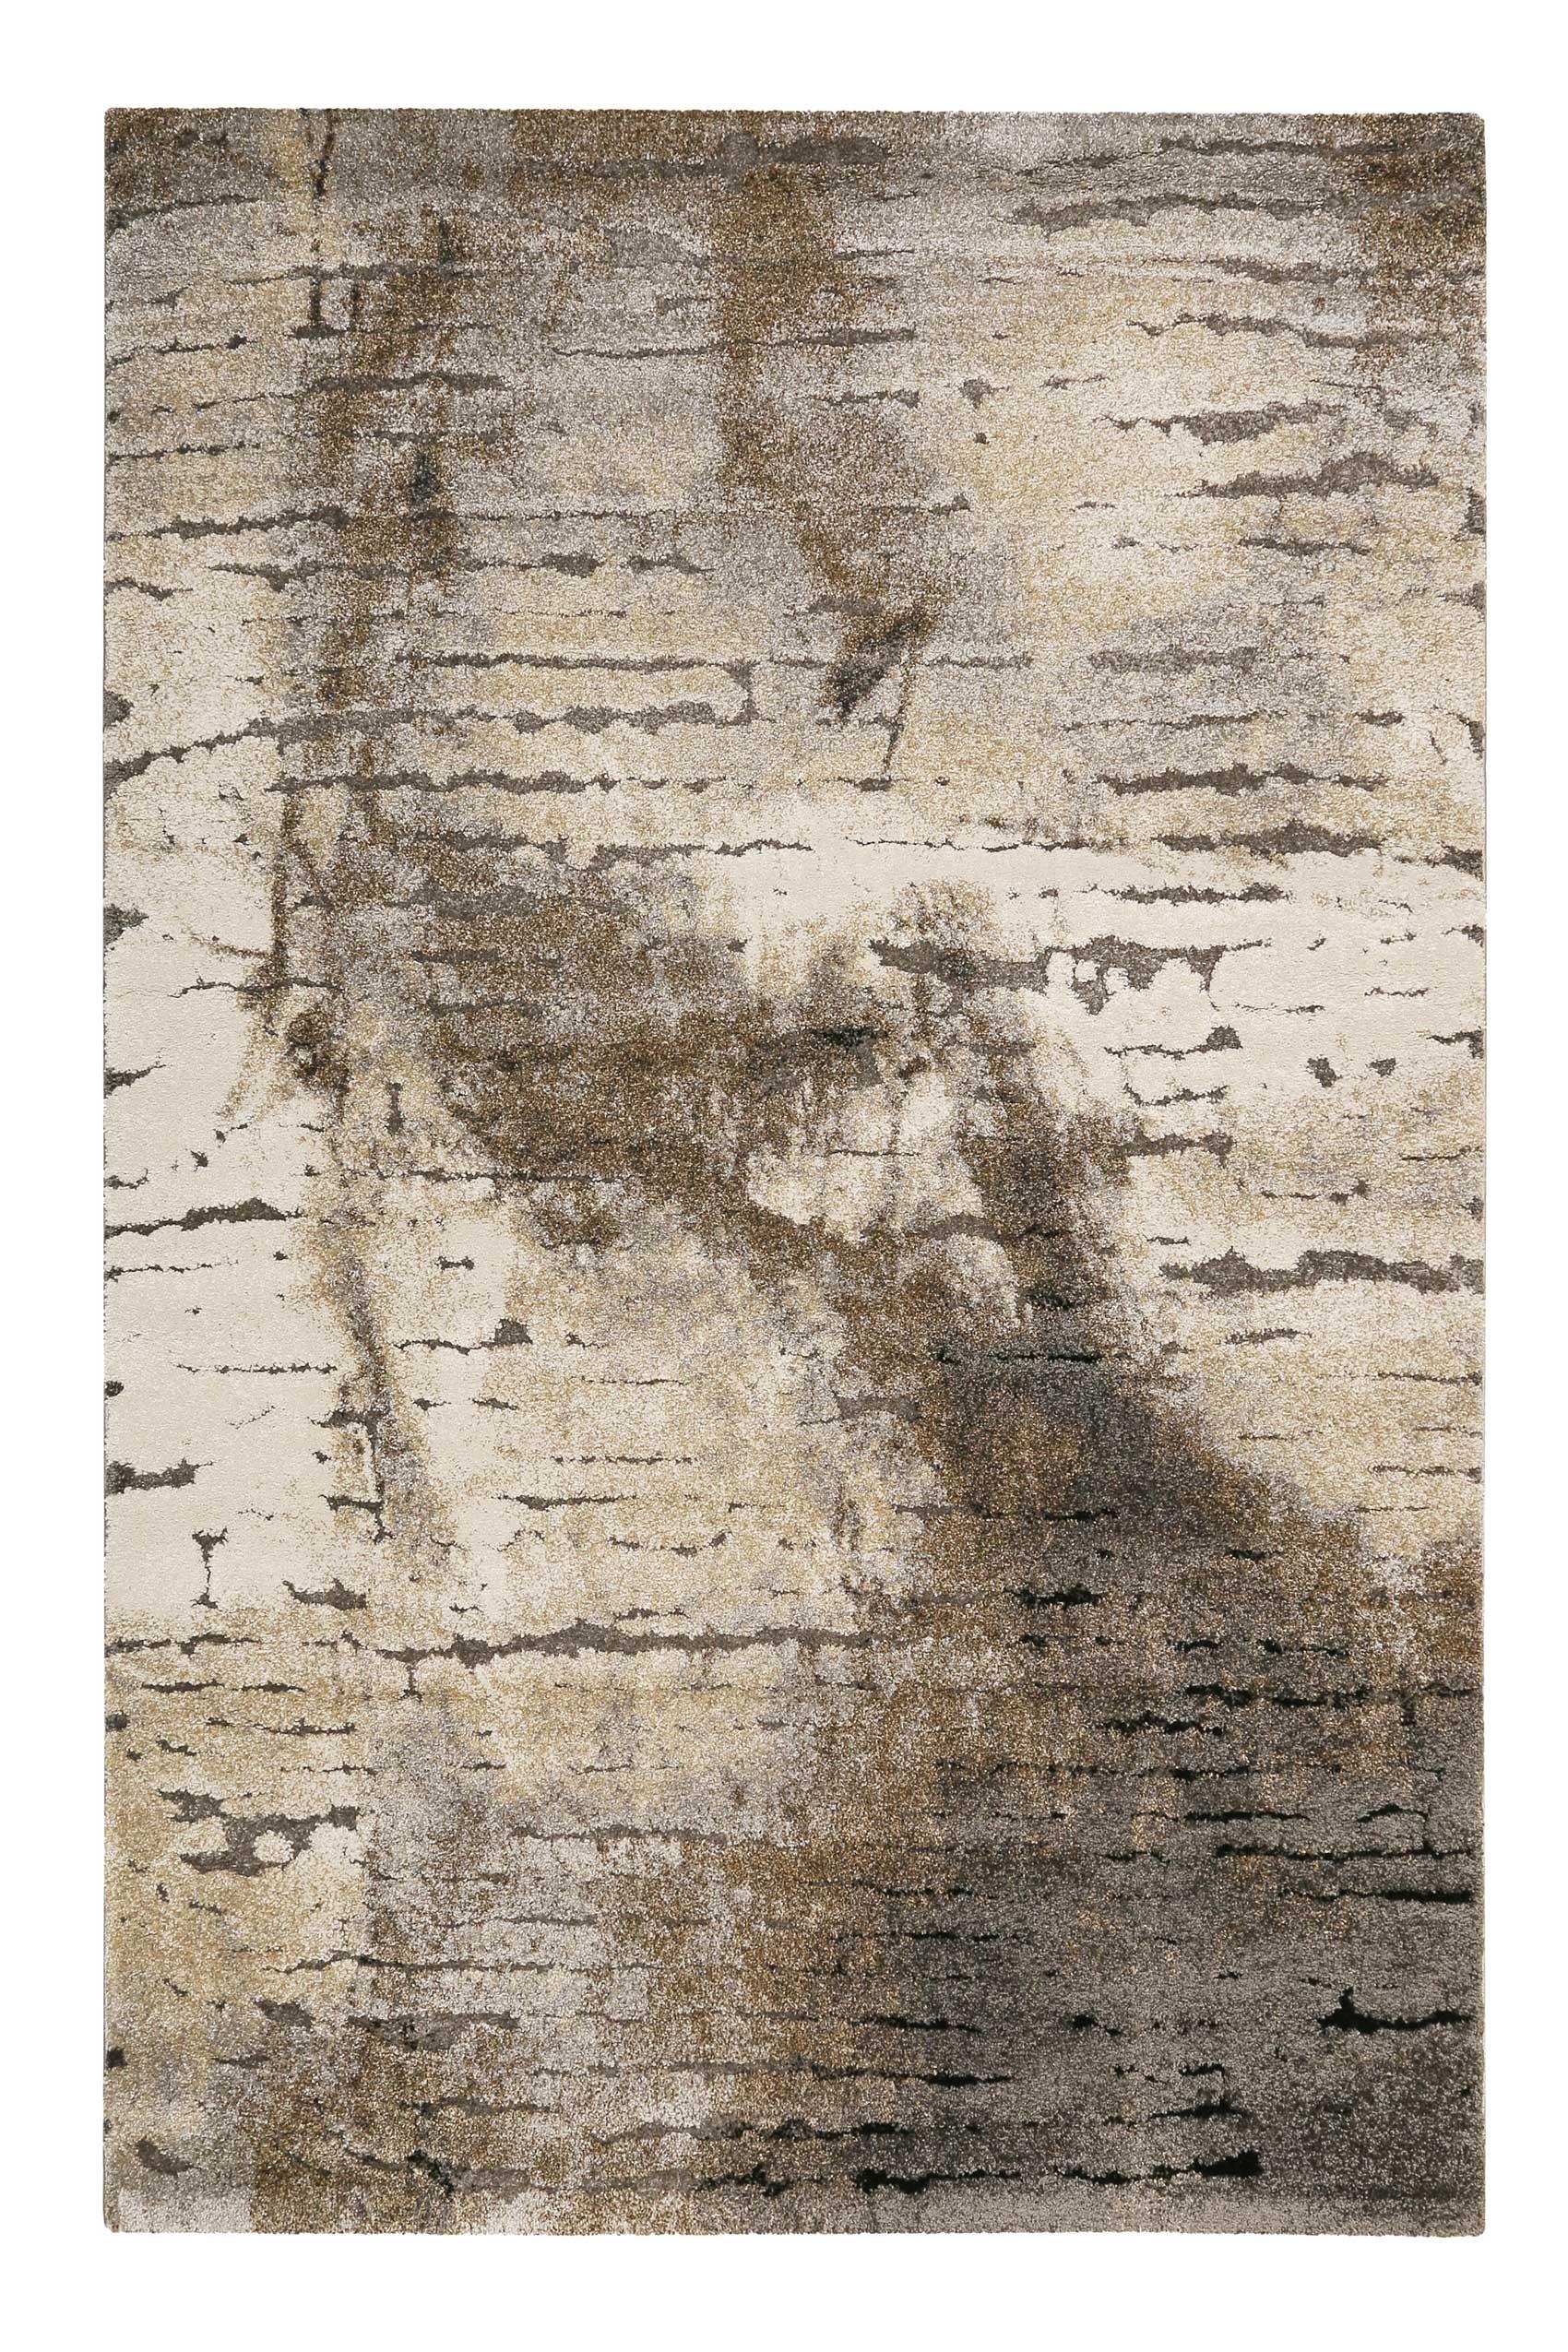 Tapis motif effet mur béton pour salon, chambre gris/brun 200x133